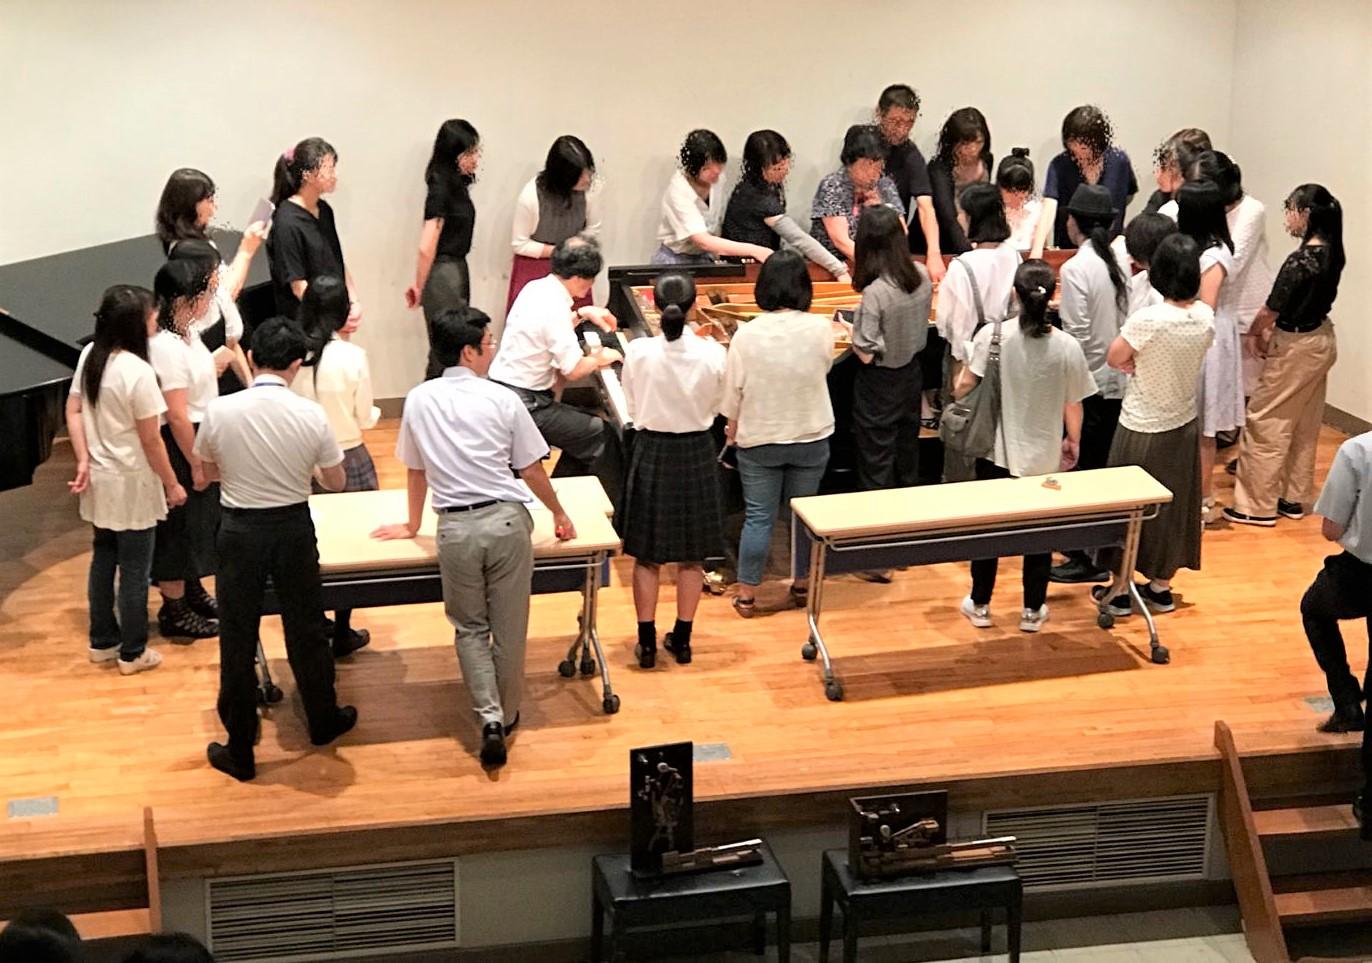 8月11日(土・祝)「音楽の日」のオープンキャンパス、ご来場ありがとうございました!